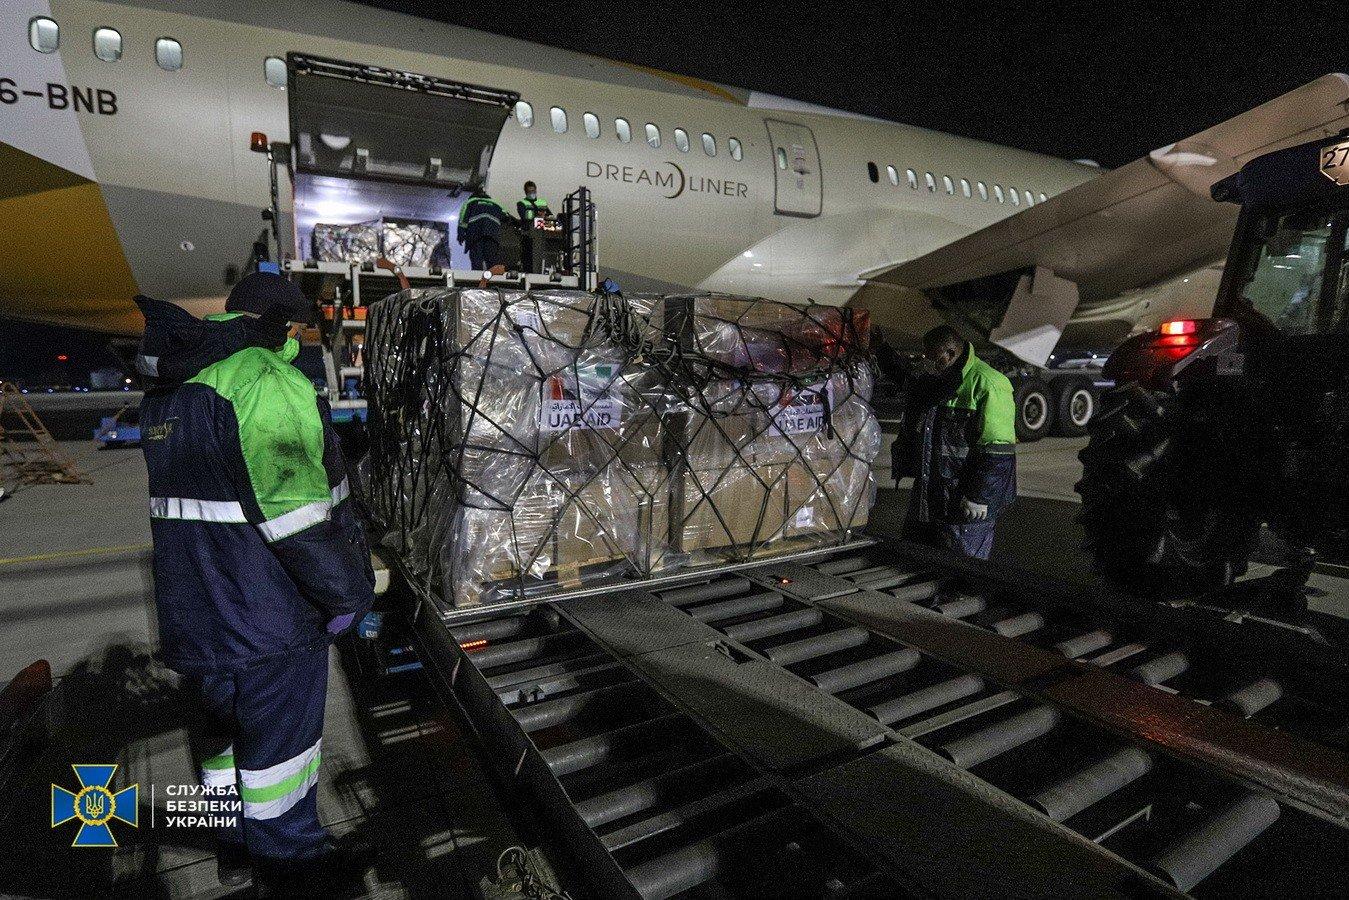 З ОАЕ евакуювали 113 українців